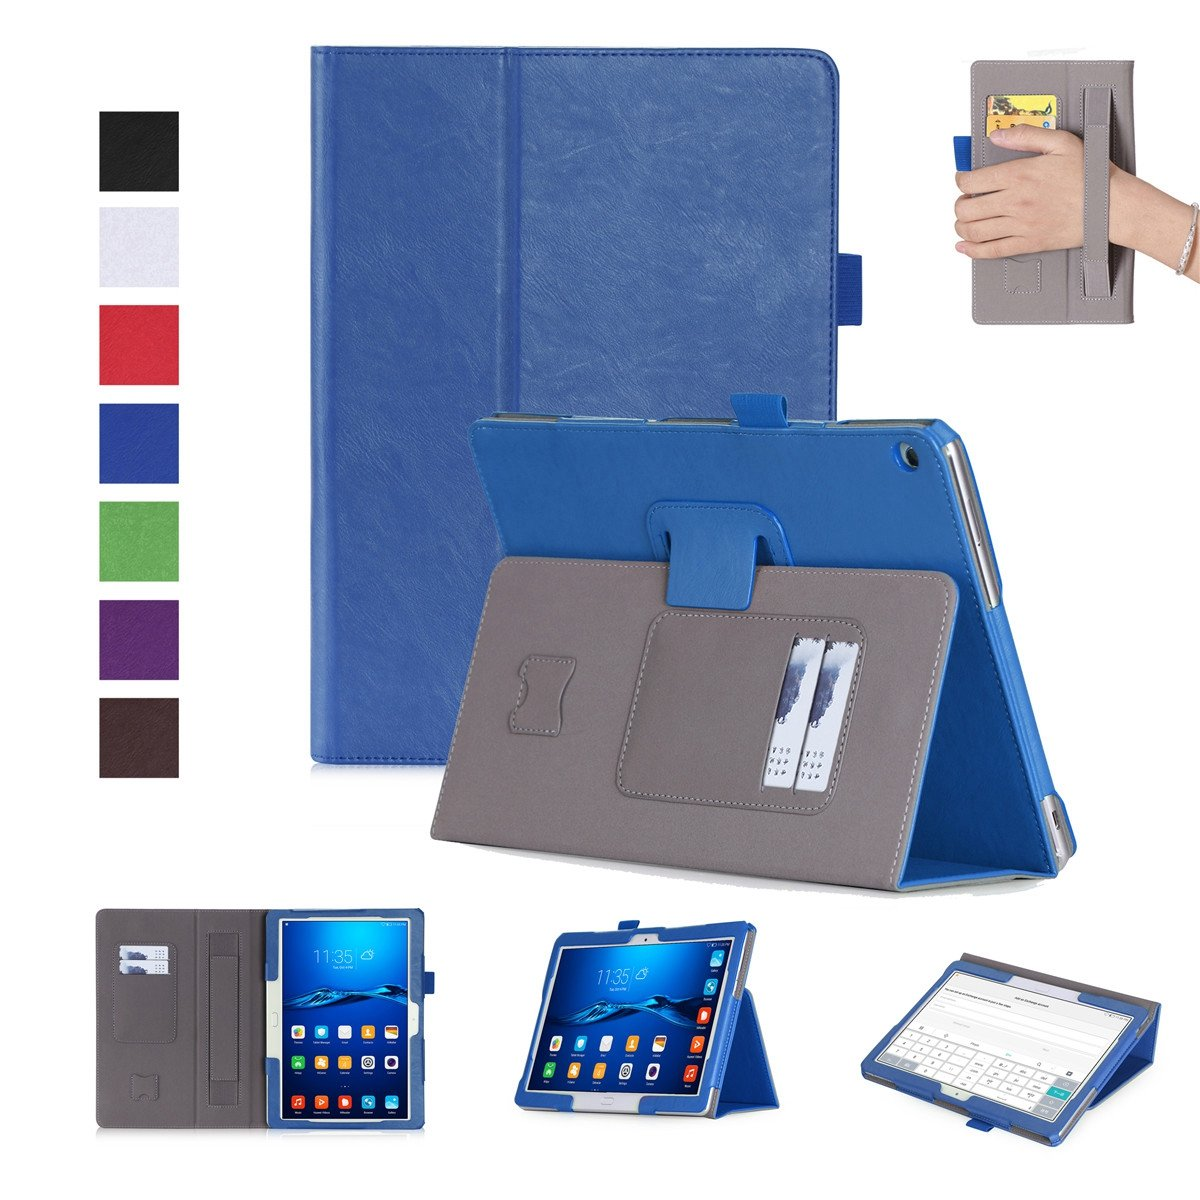 最安値で  FugouSell B07LCHP7XX Huawei MediaPad M3 Lite Lite 10.0用ケース プレミアムPUレザー[フリップスタンド] Lite スリム財布ケース フルボディ保護カバー Huawei MediaPad M3 Lite 10.0用 (ブルー) B07LCHP7XX, ピストバイク BROTURES:8b4d1d0d --- a0267596.xsph.ru